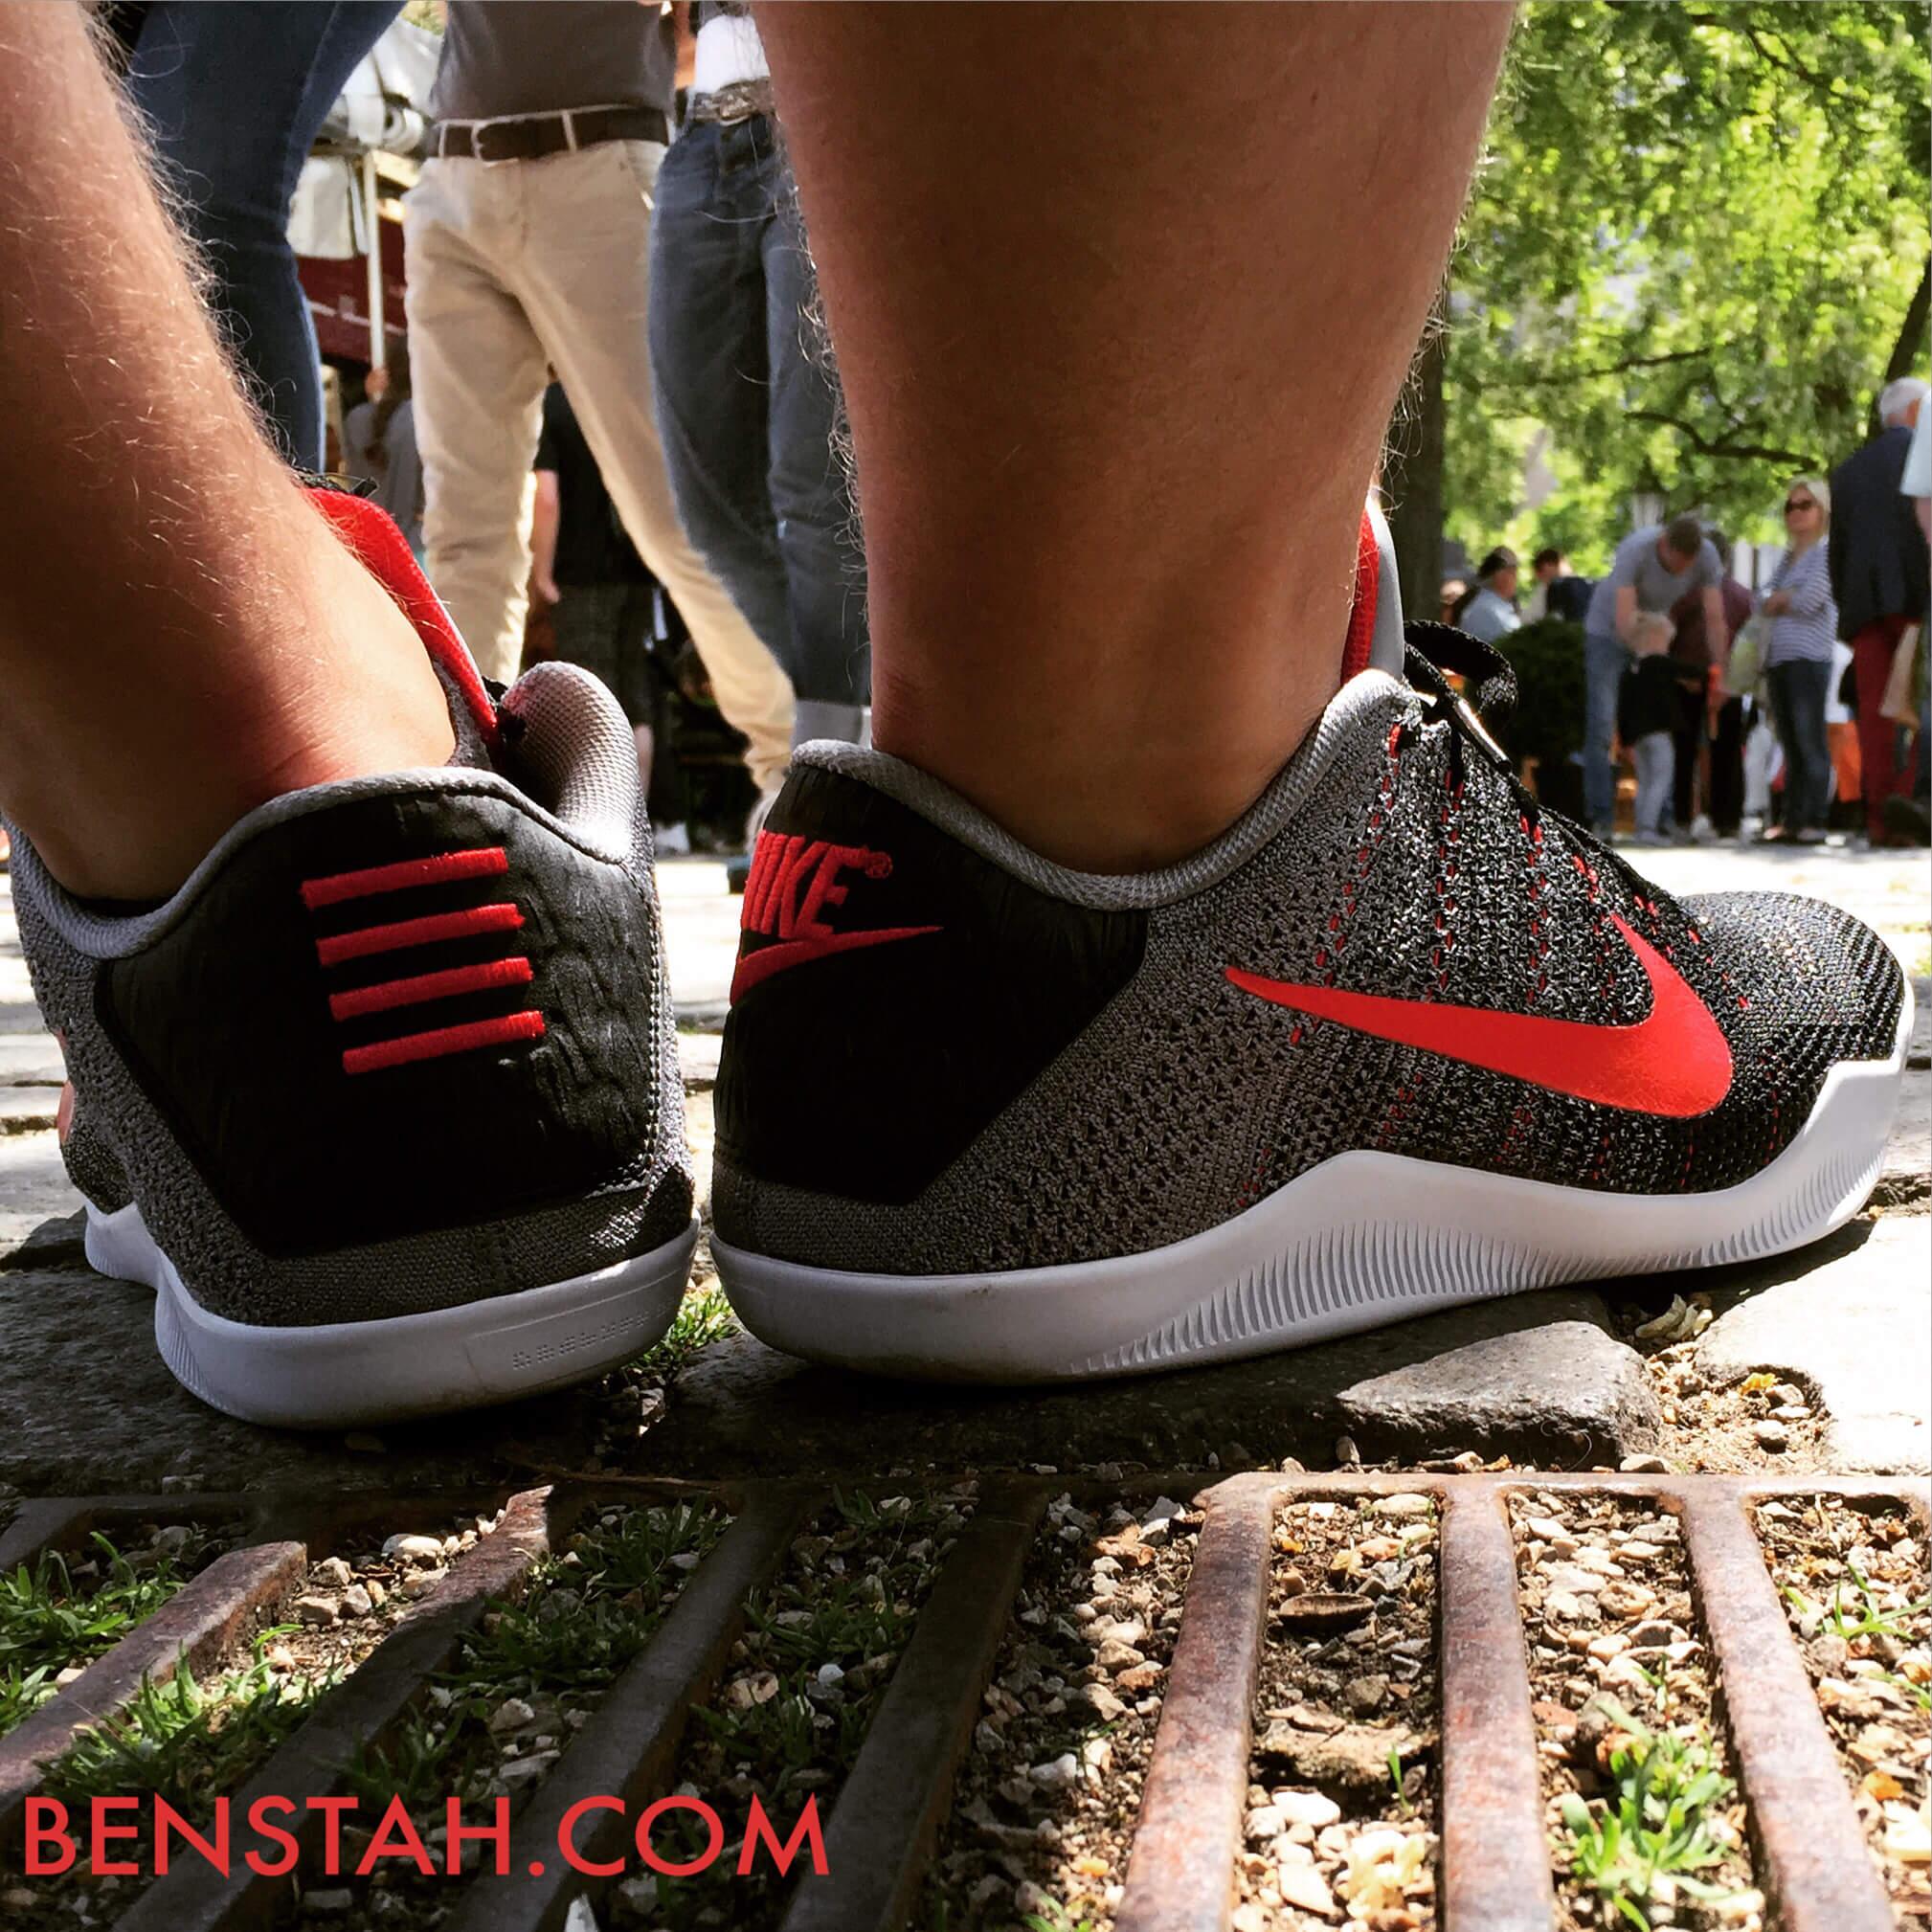 Nike-Kobe-11-Elite-Low-Tinker-Hatfield-Rear-View-Benstah-Onfeet